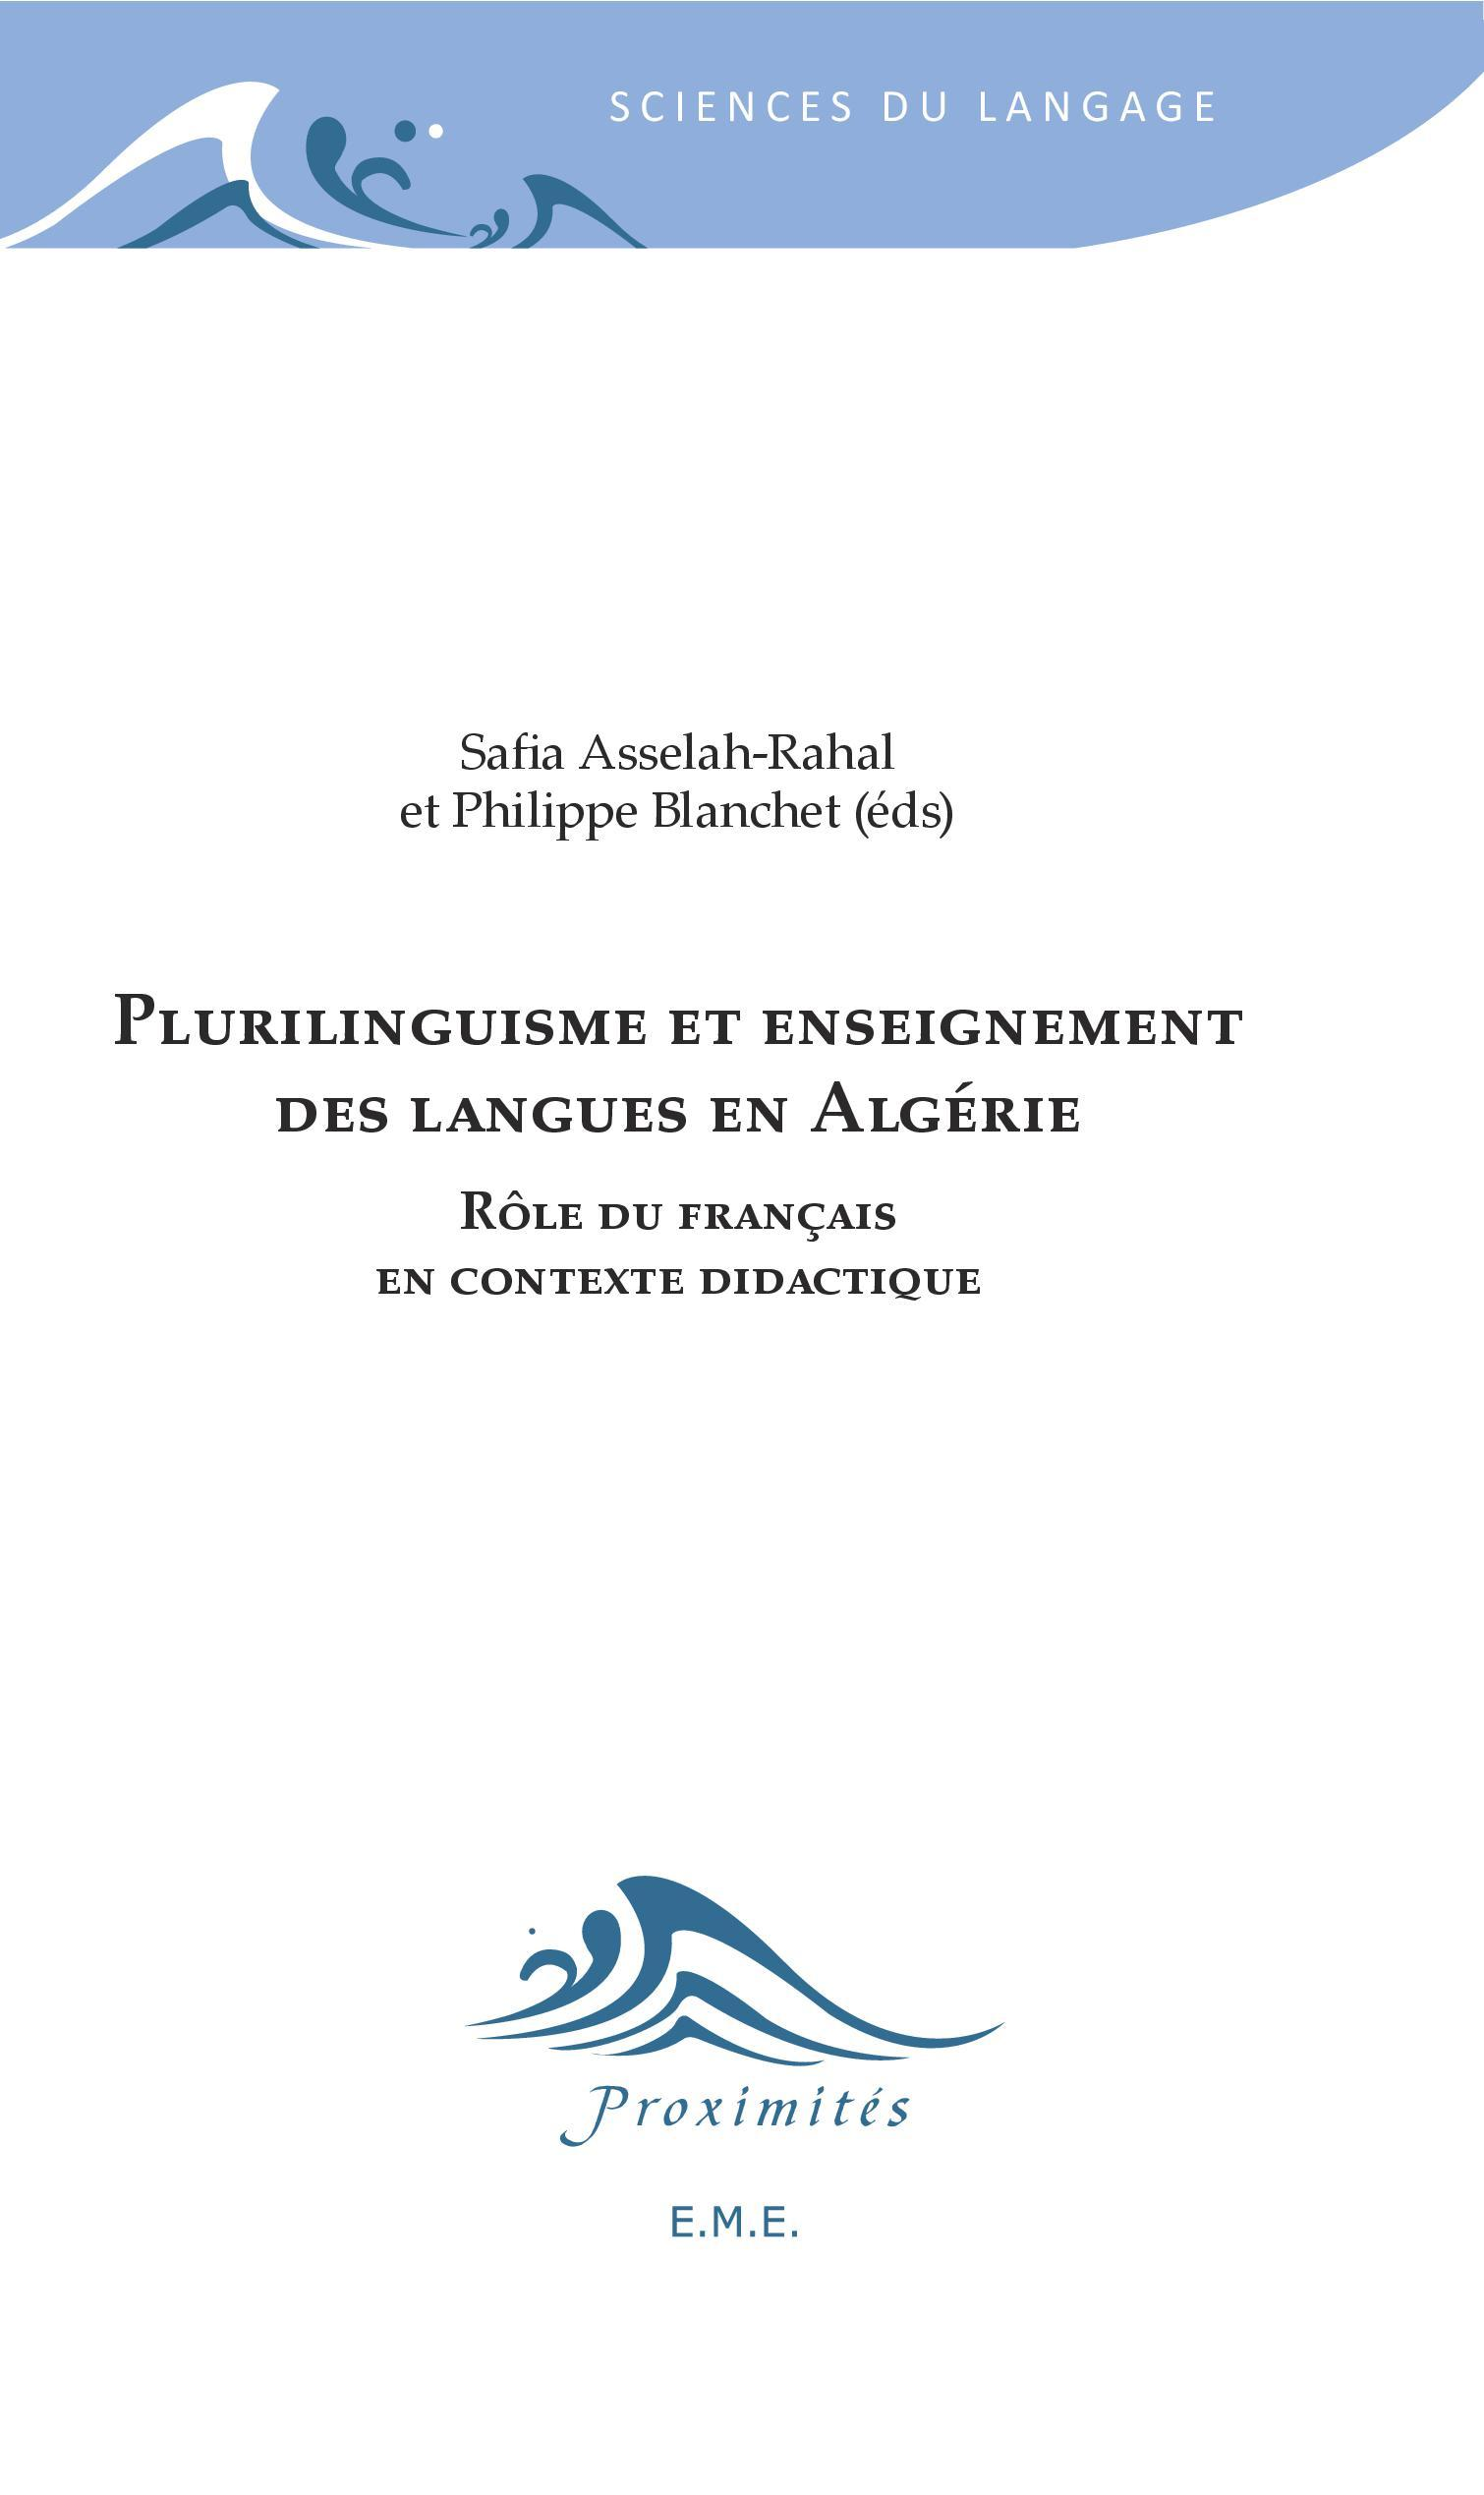 PLURILINGUISME ET ENSEIGNEMENT DES LANGUES EN ALGERIE - ROLES DU FRANCAIS EN CONTEXTE DIDACTIQUE